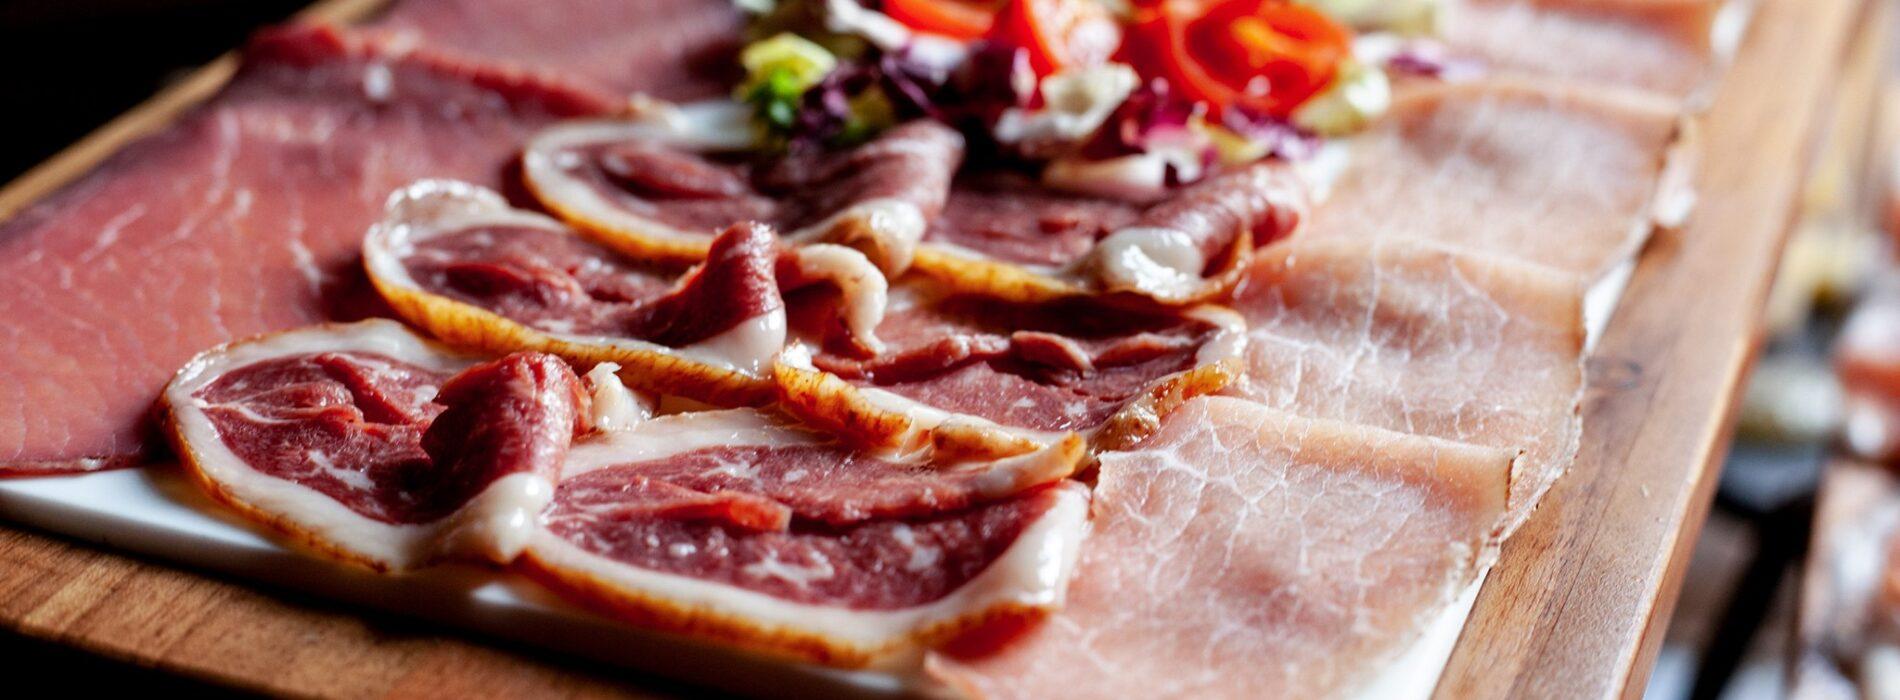 I migliori taglieri di Milano, dieci locali per aperitivo con salumi, formaggi e non solo